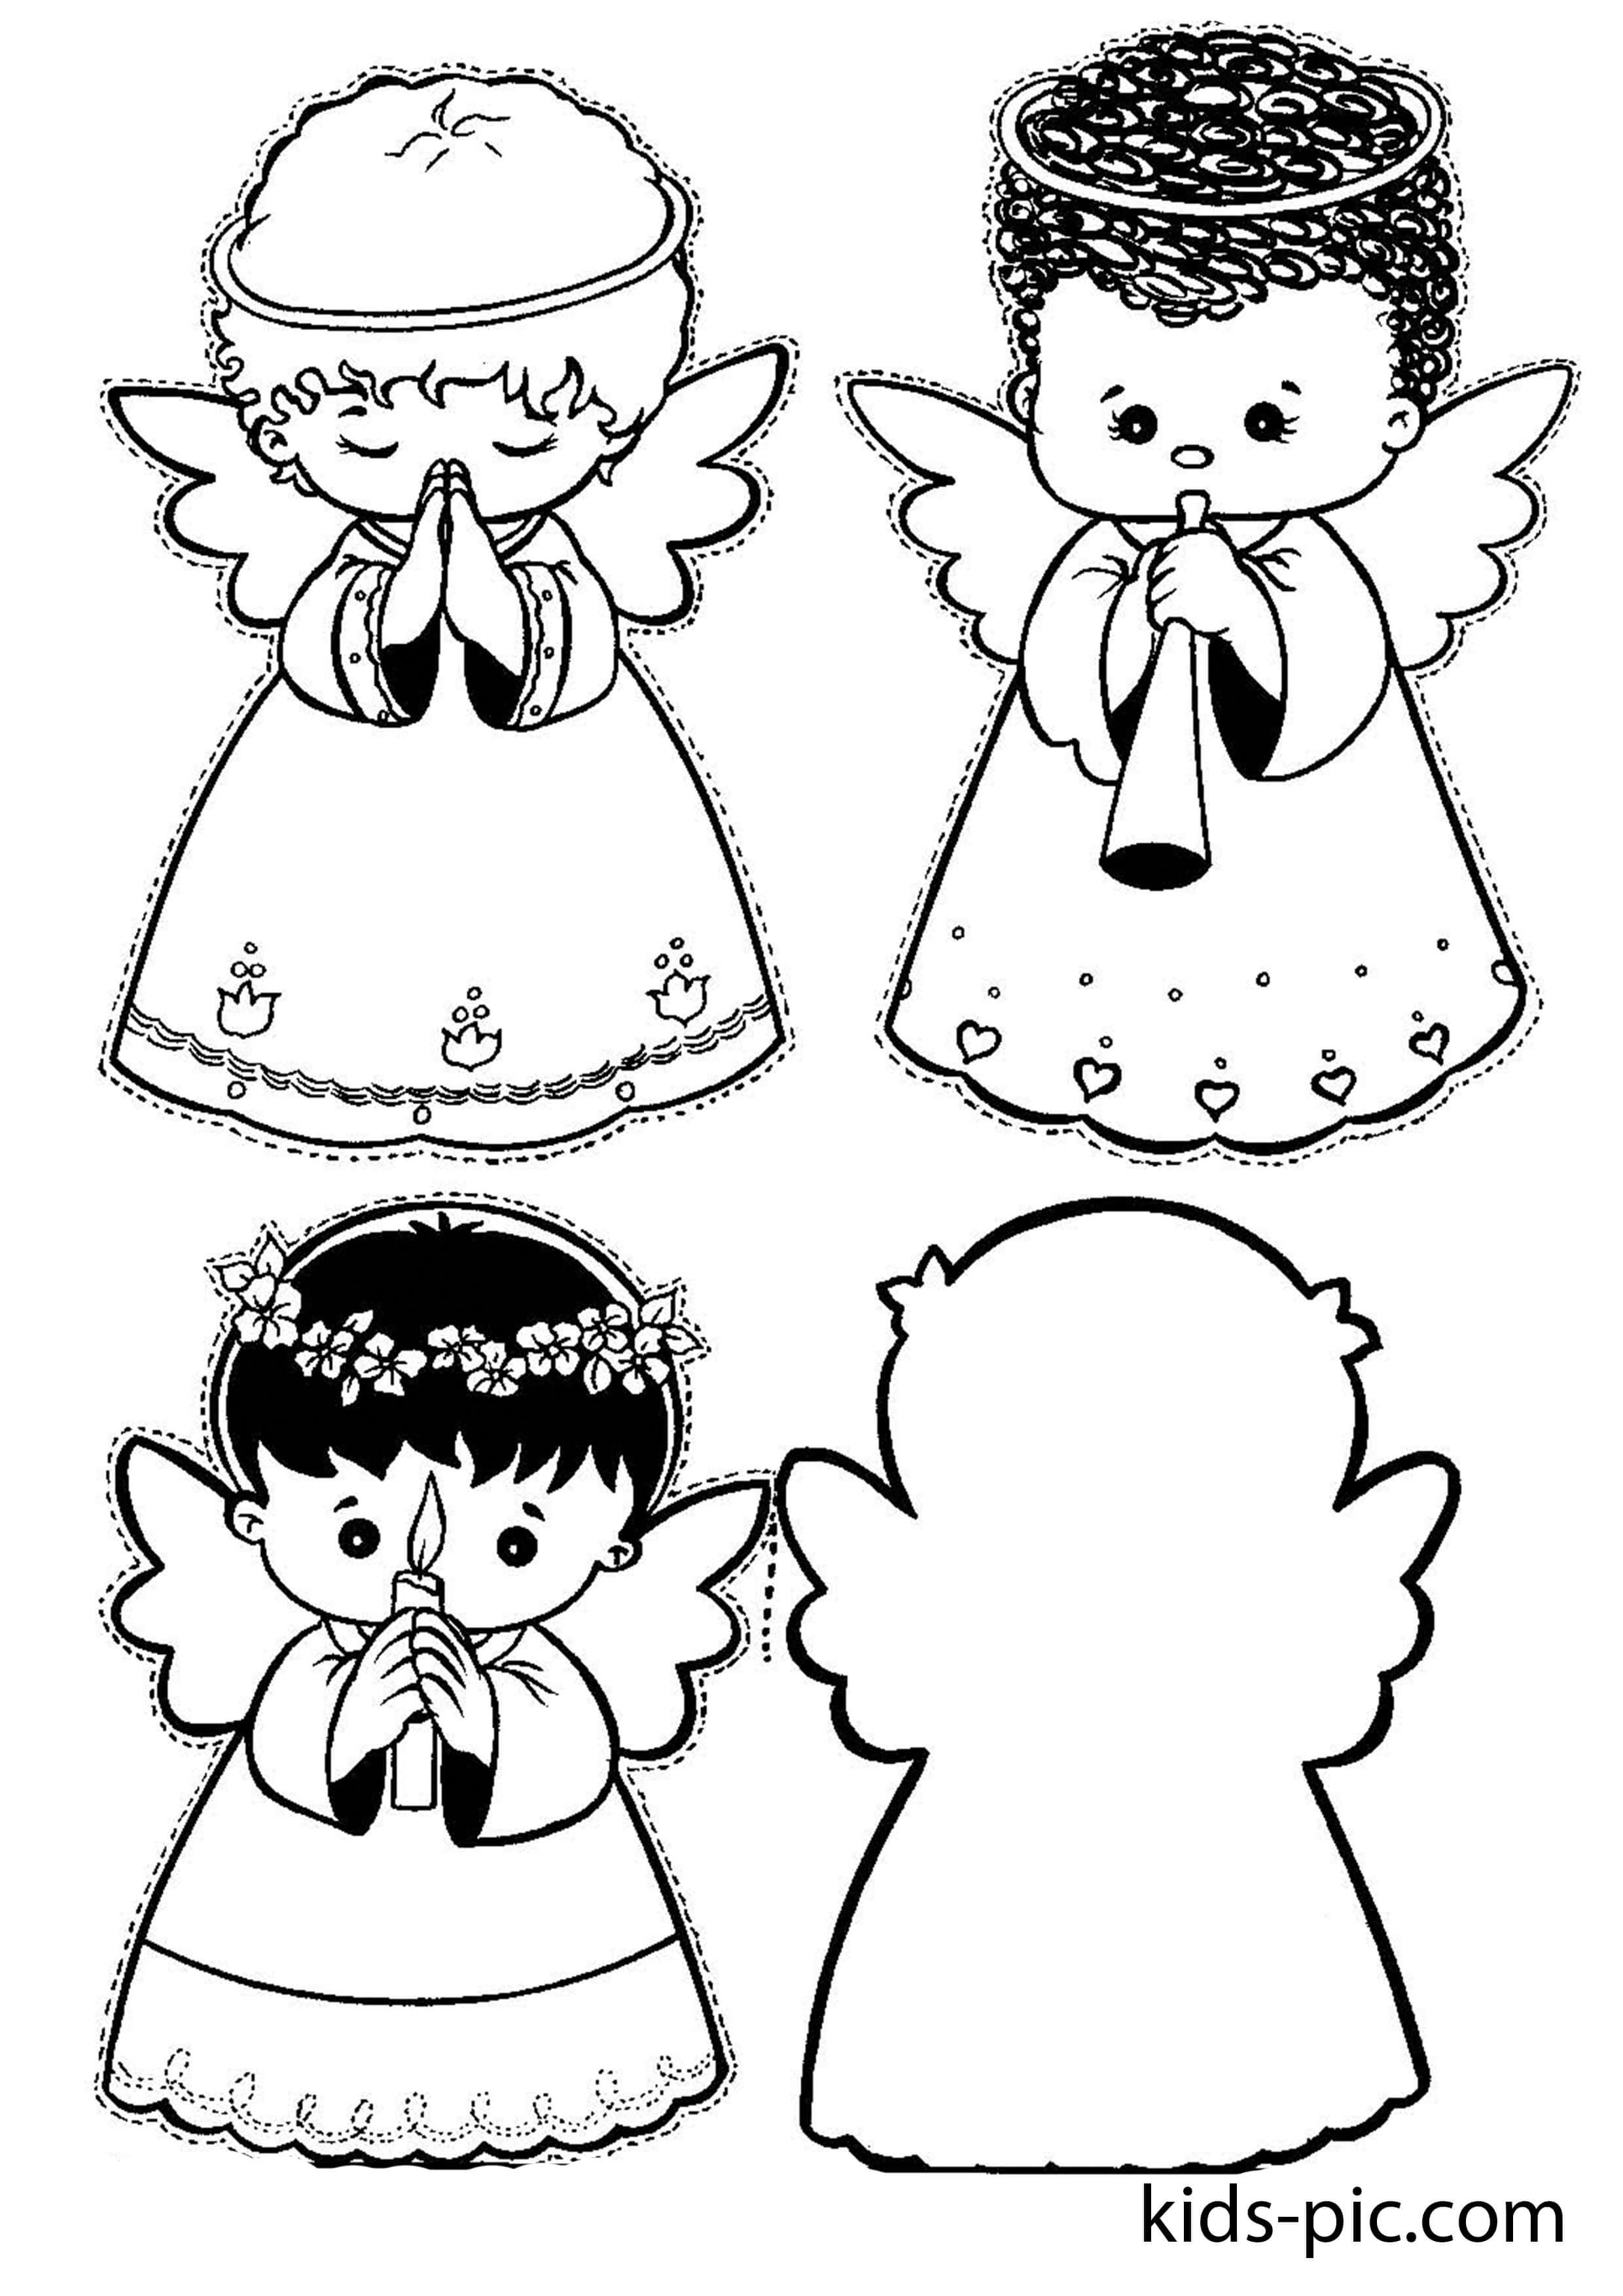 Шаблоны ангелов для открытки, днем рождения